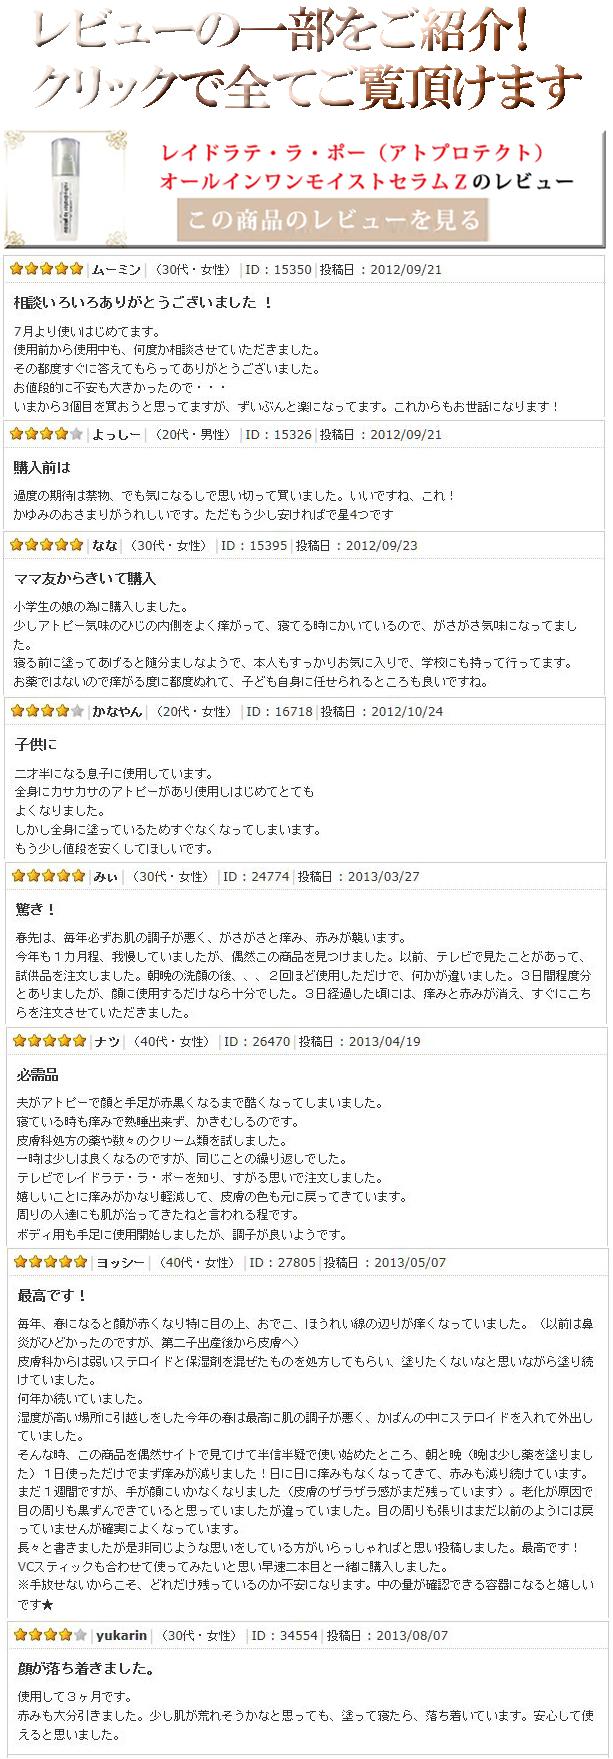 review-top.jpg